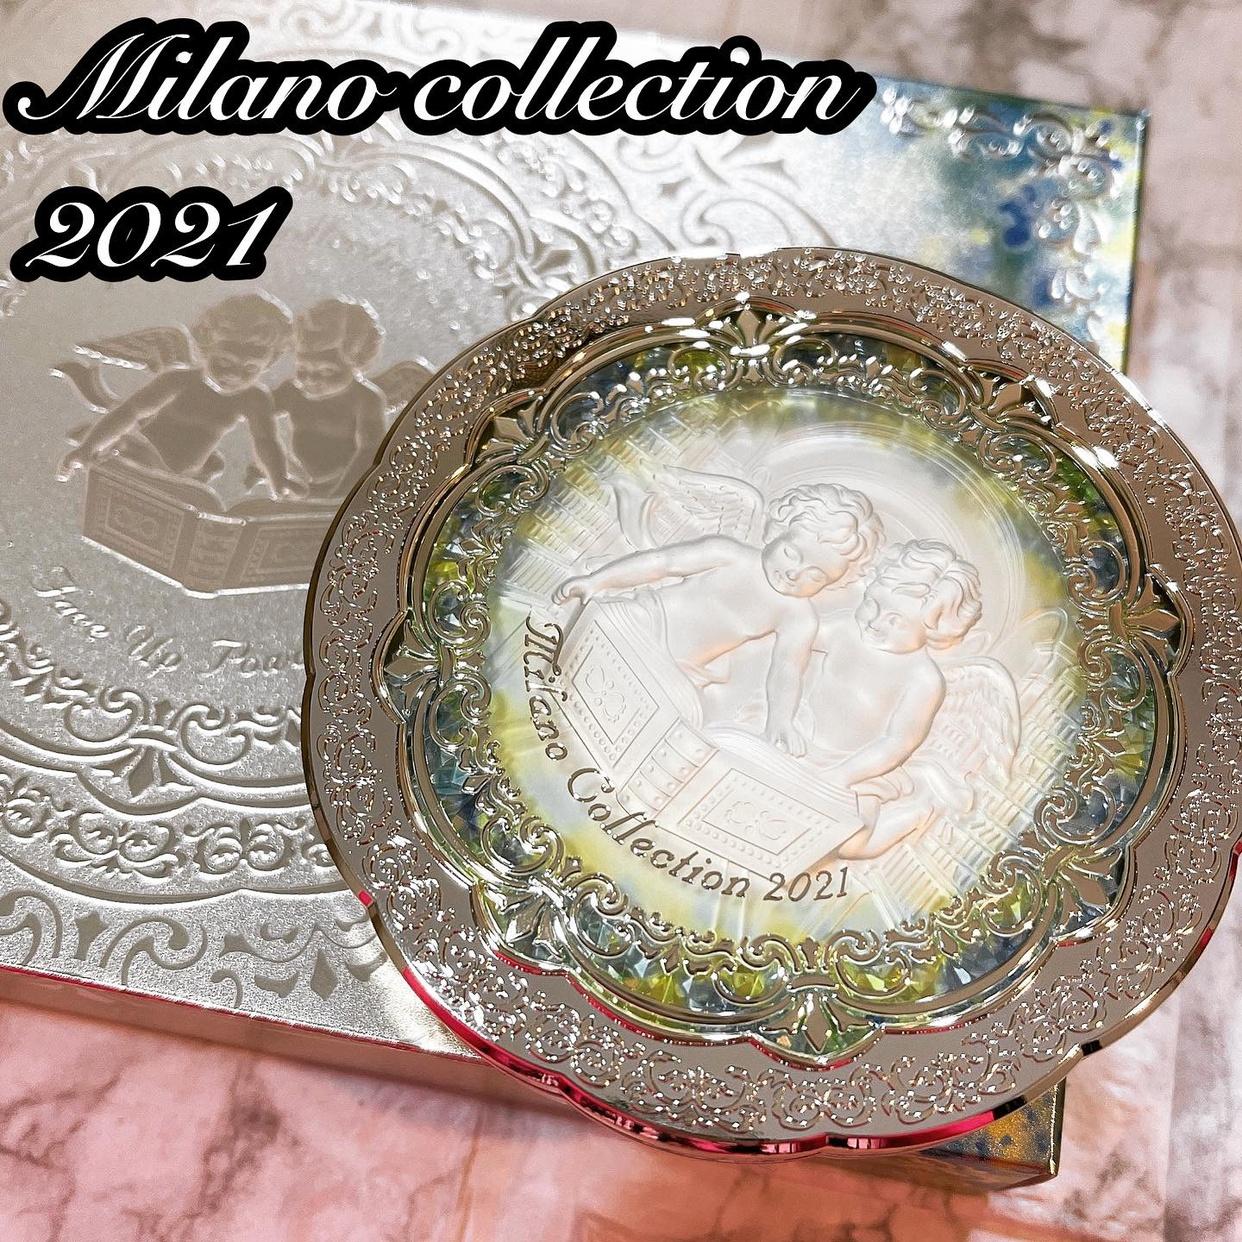 Milano Collection(ミラノコレクション)フェースアップパウダーを使ったchamaru222さんのクチコミ画像2